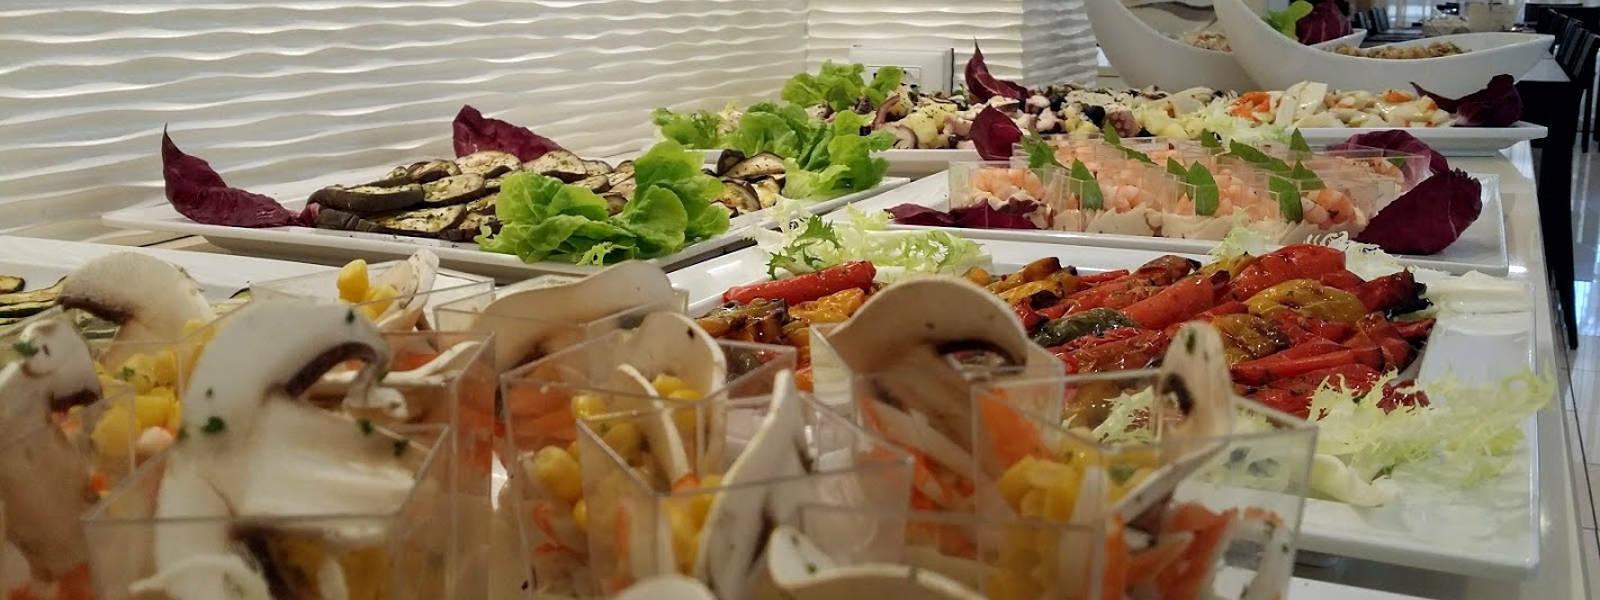 buffet hotel ombretta mare gamberetti 1